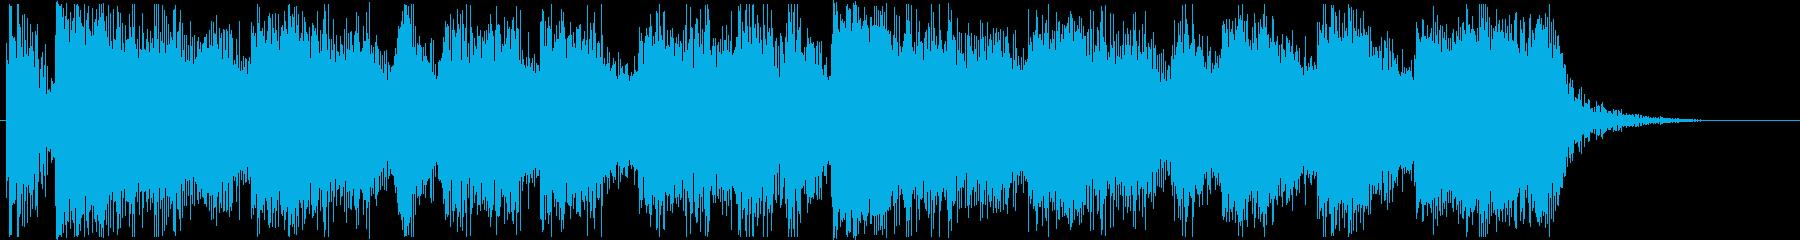 王国をイメージしたオーケストラの再生済みの波形